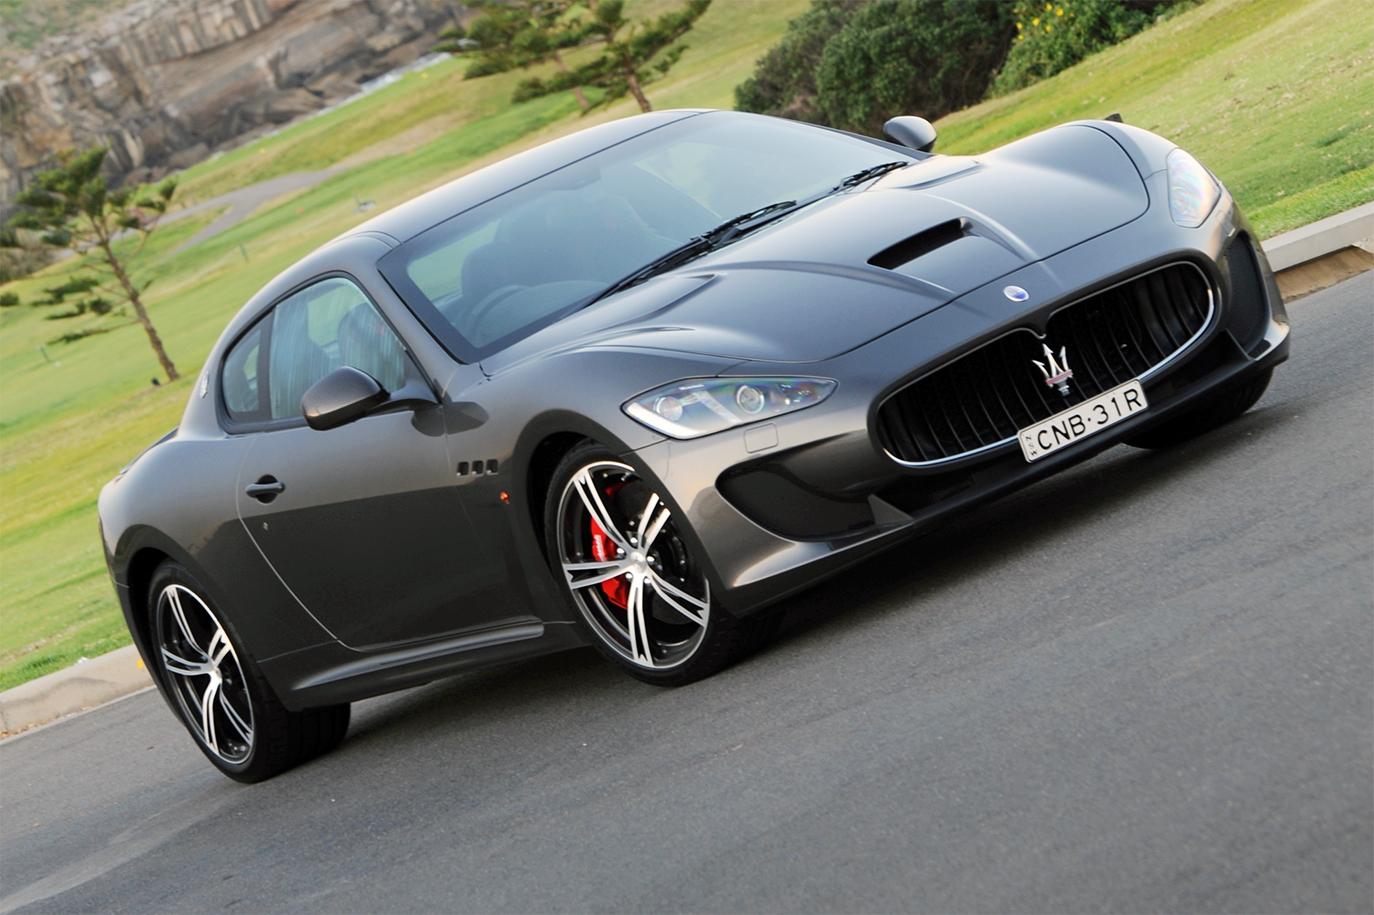 2015-Maserati-GranTurismo-MC-Stradale-High-Resolution-Picture-HD-Wallpaper